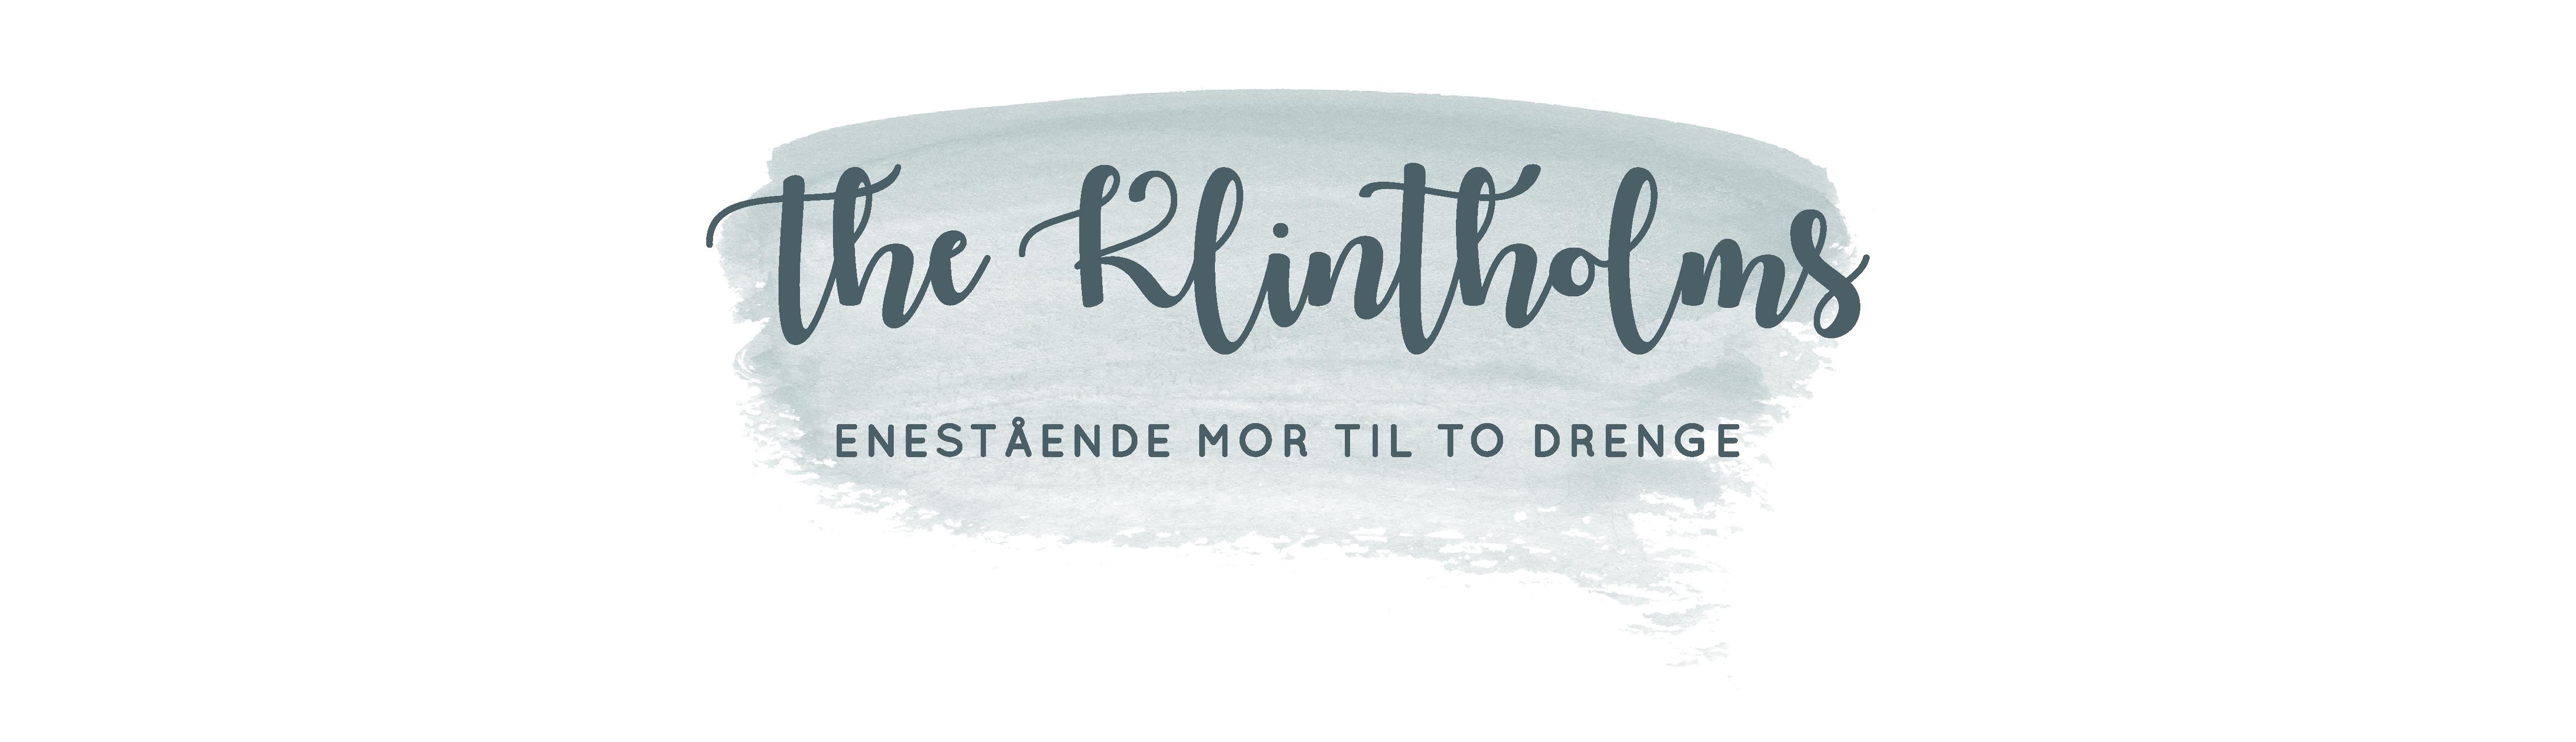 Sarah Klintholm - Side 5 af 6 - Min blog om mit liv med børn og masser af spændende oplevelser